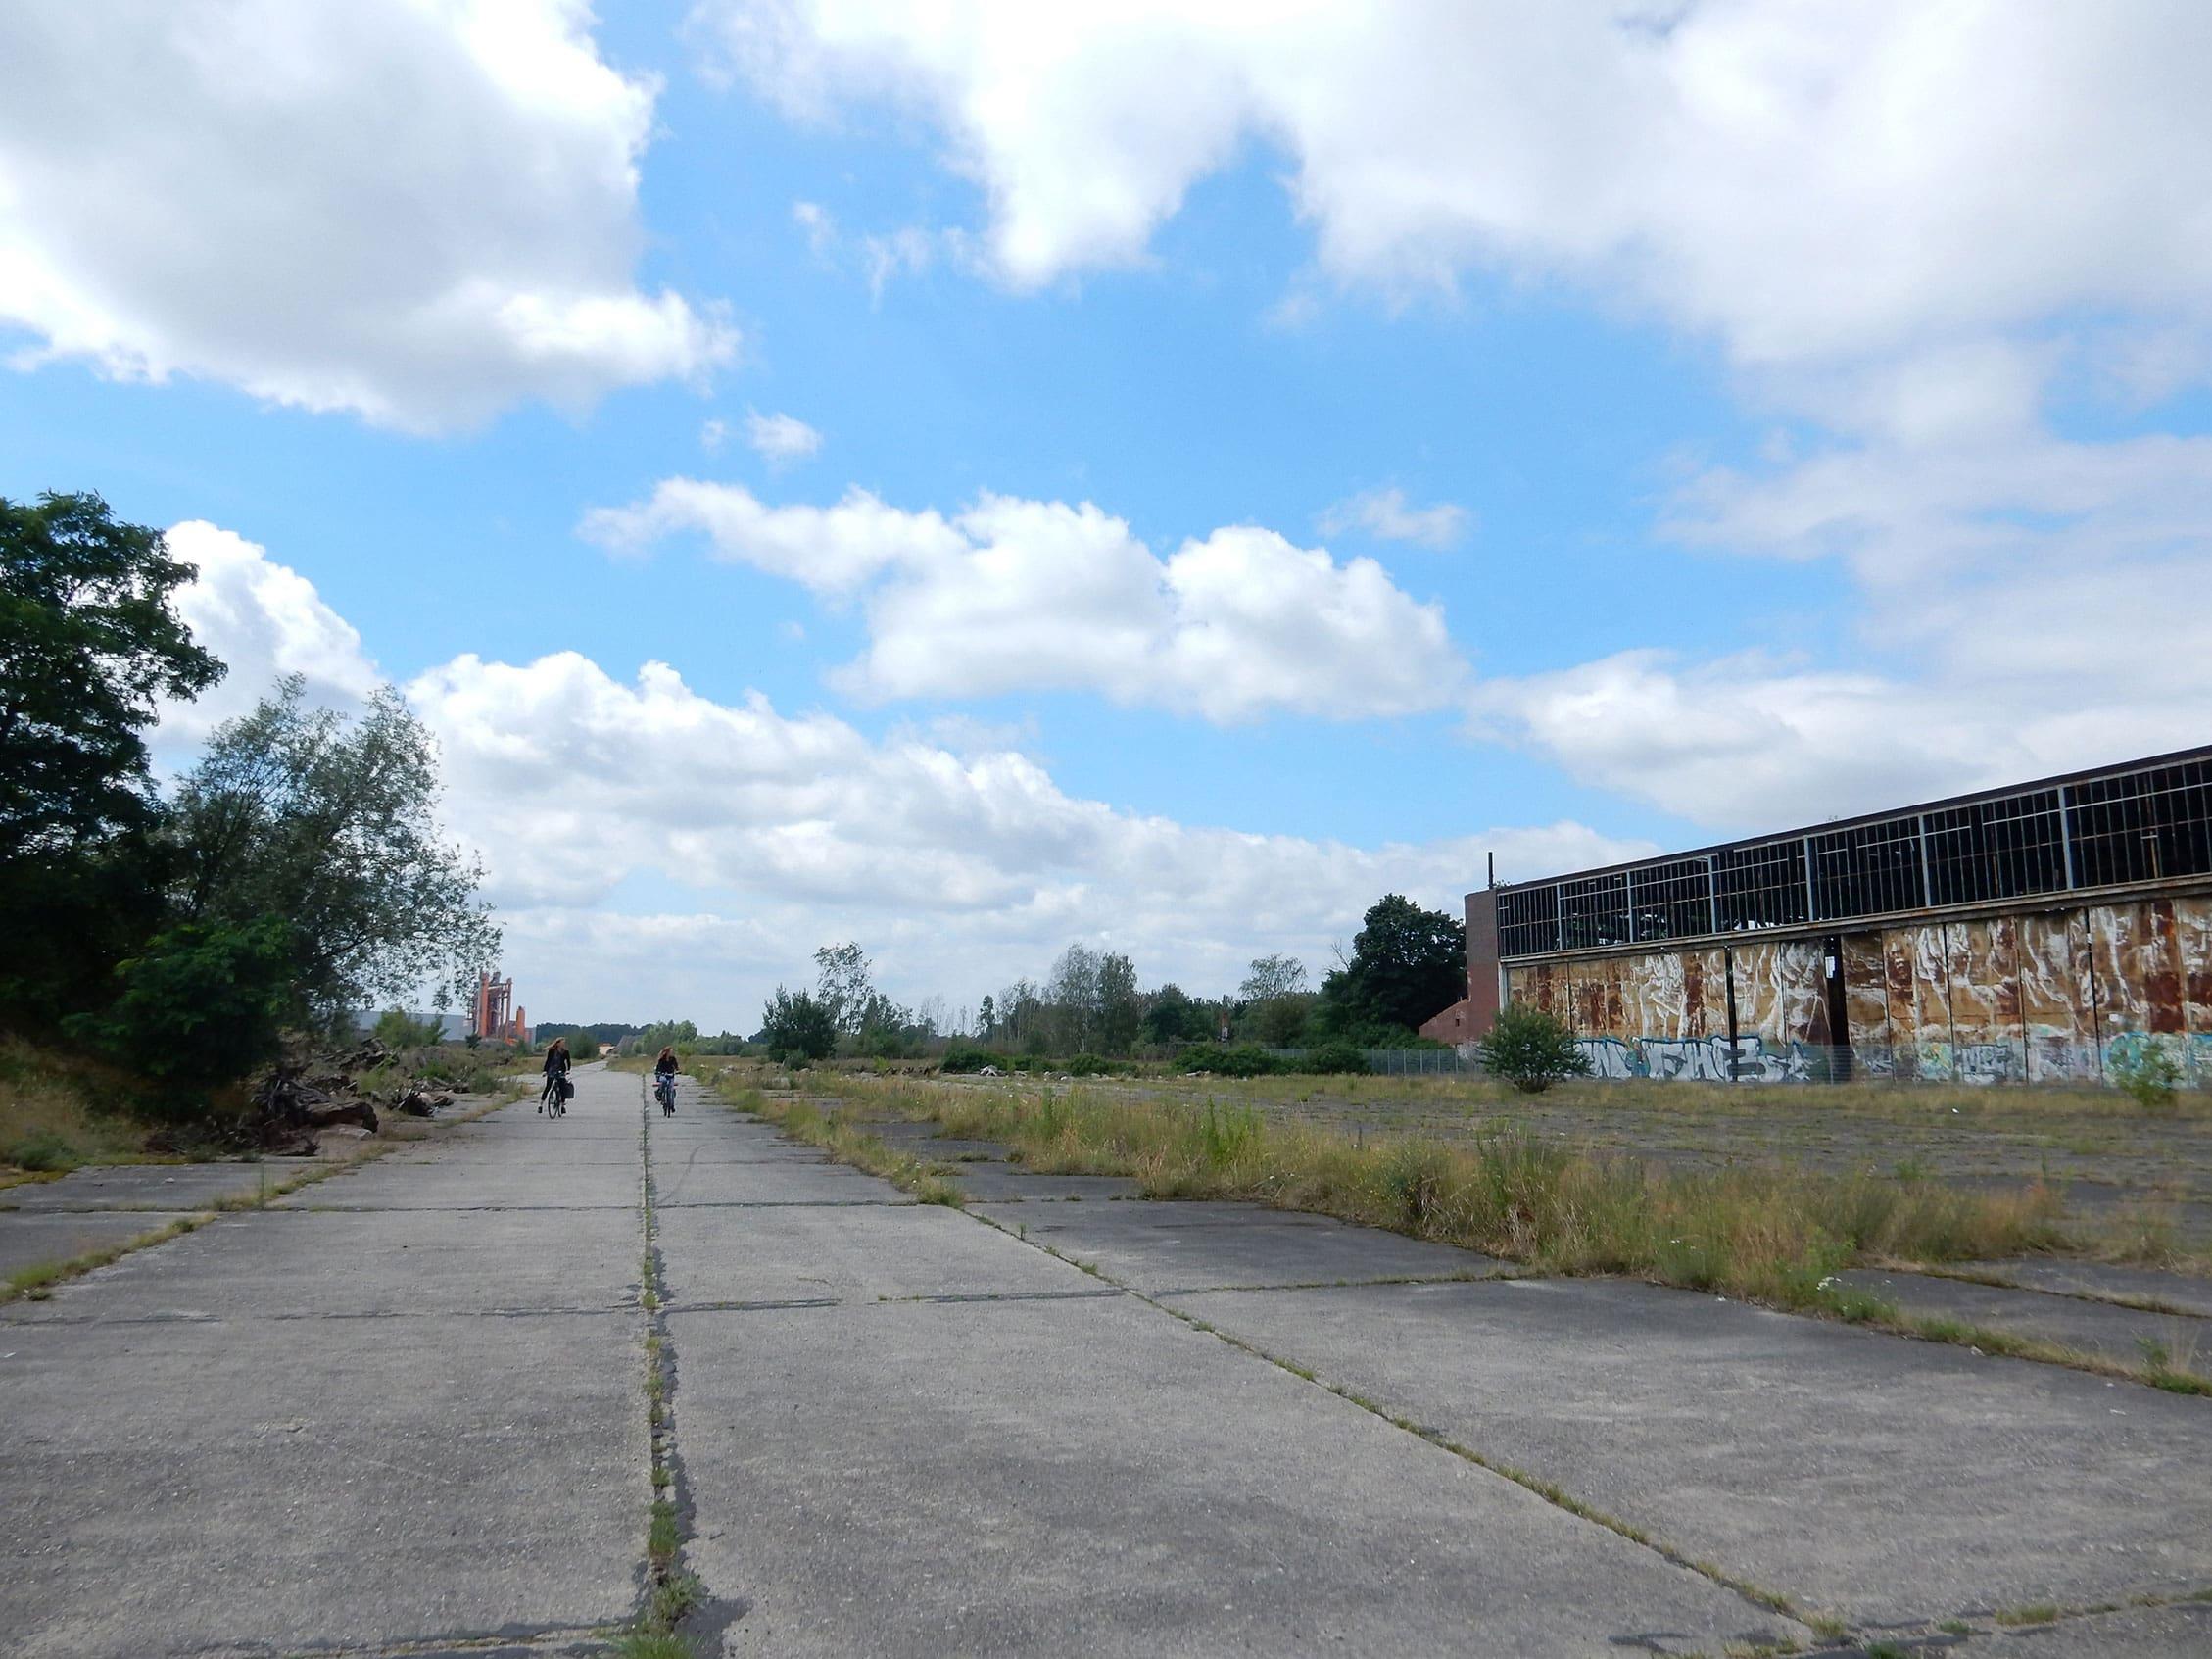 Lost Place Heinkelwerke Oranienburg